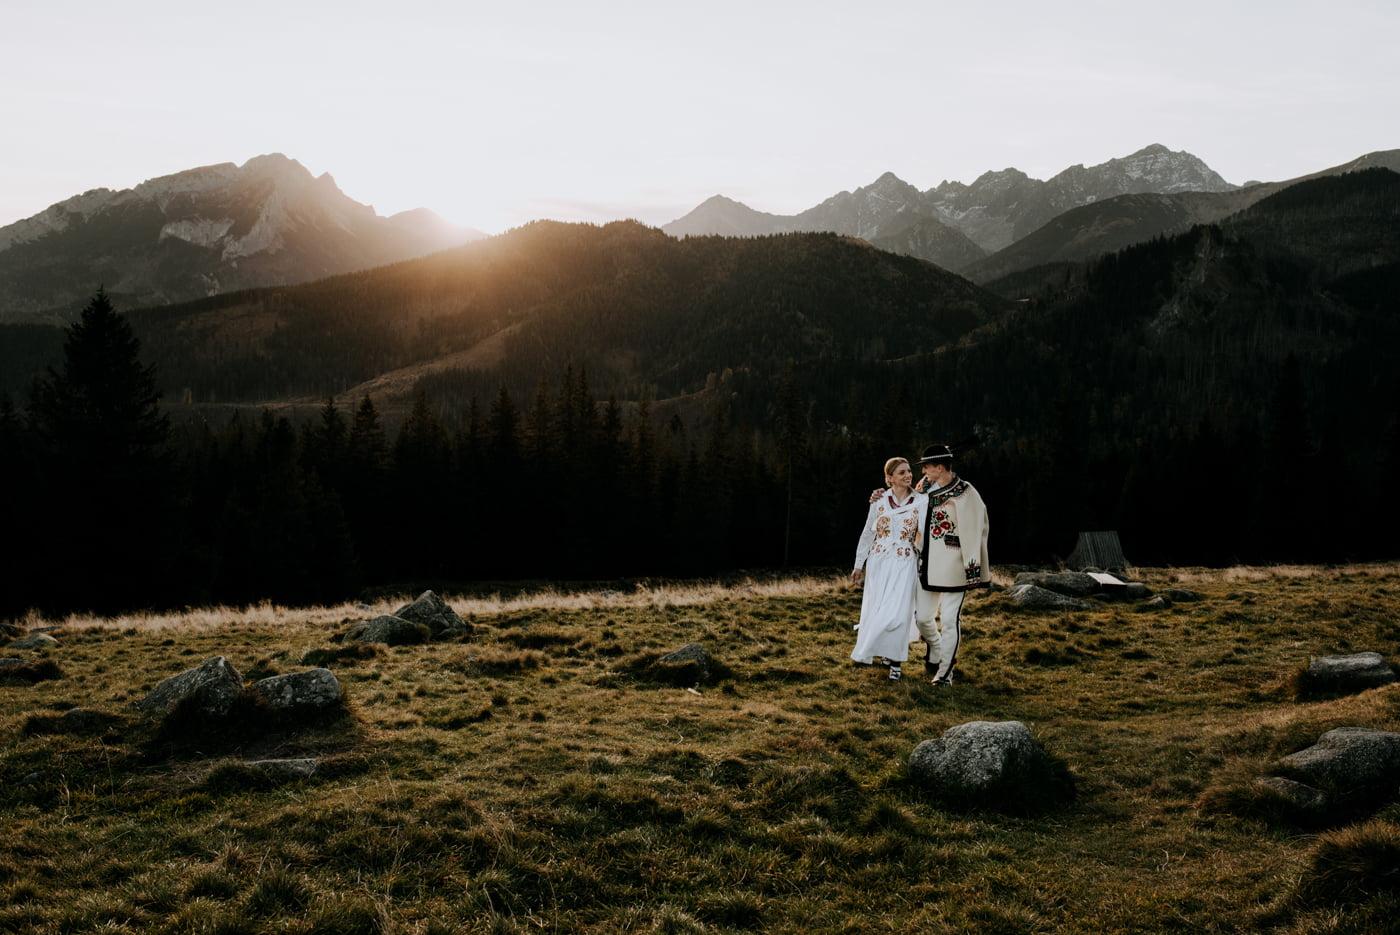 Sesja ślubna w Tatrach - Tradycyjnie 7